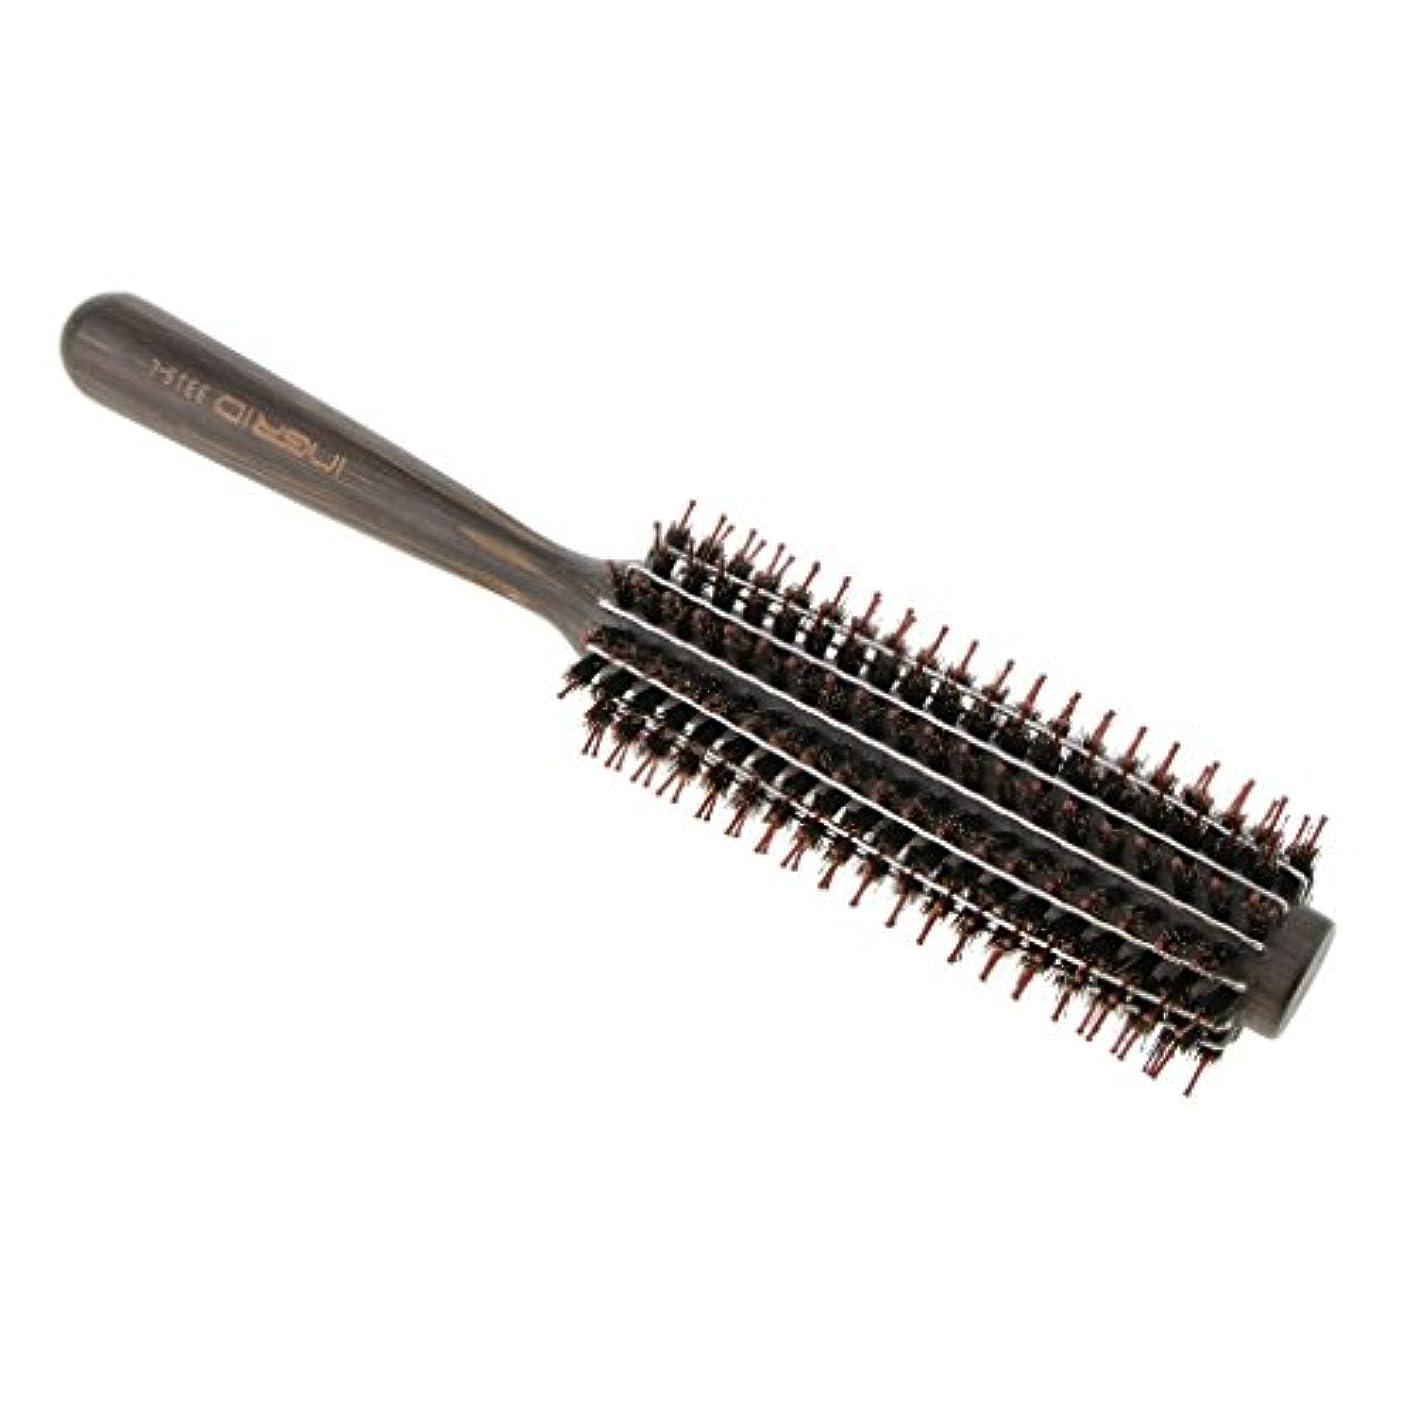 コンプリートつぶやき浸透するPerfk ロールブラシ ヘアブラシ カール 巻き髪  ヘアコーム 3サイズ選べる  - L